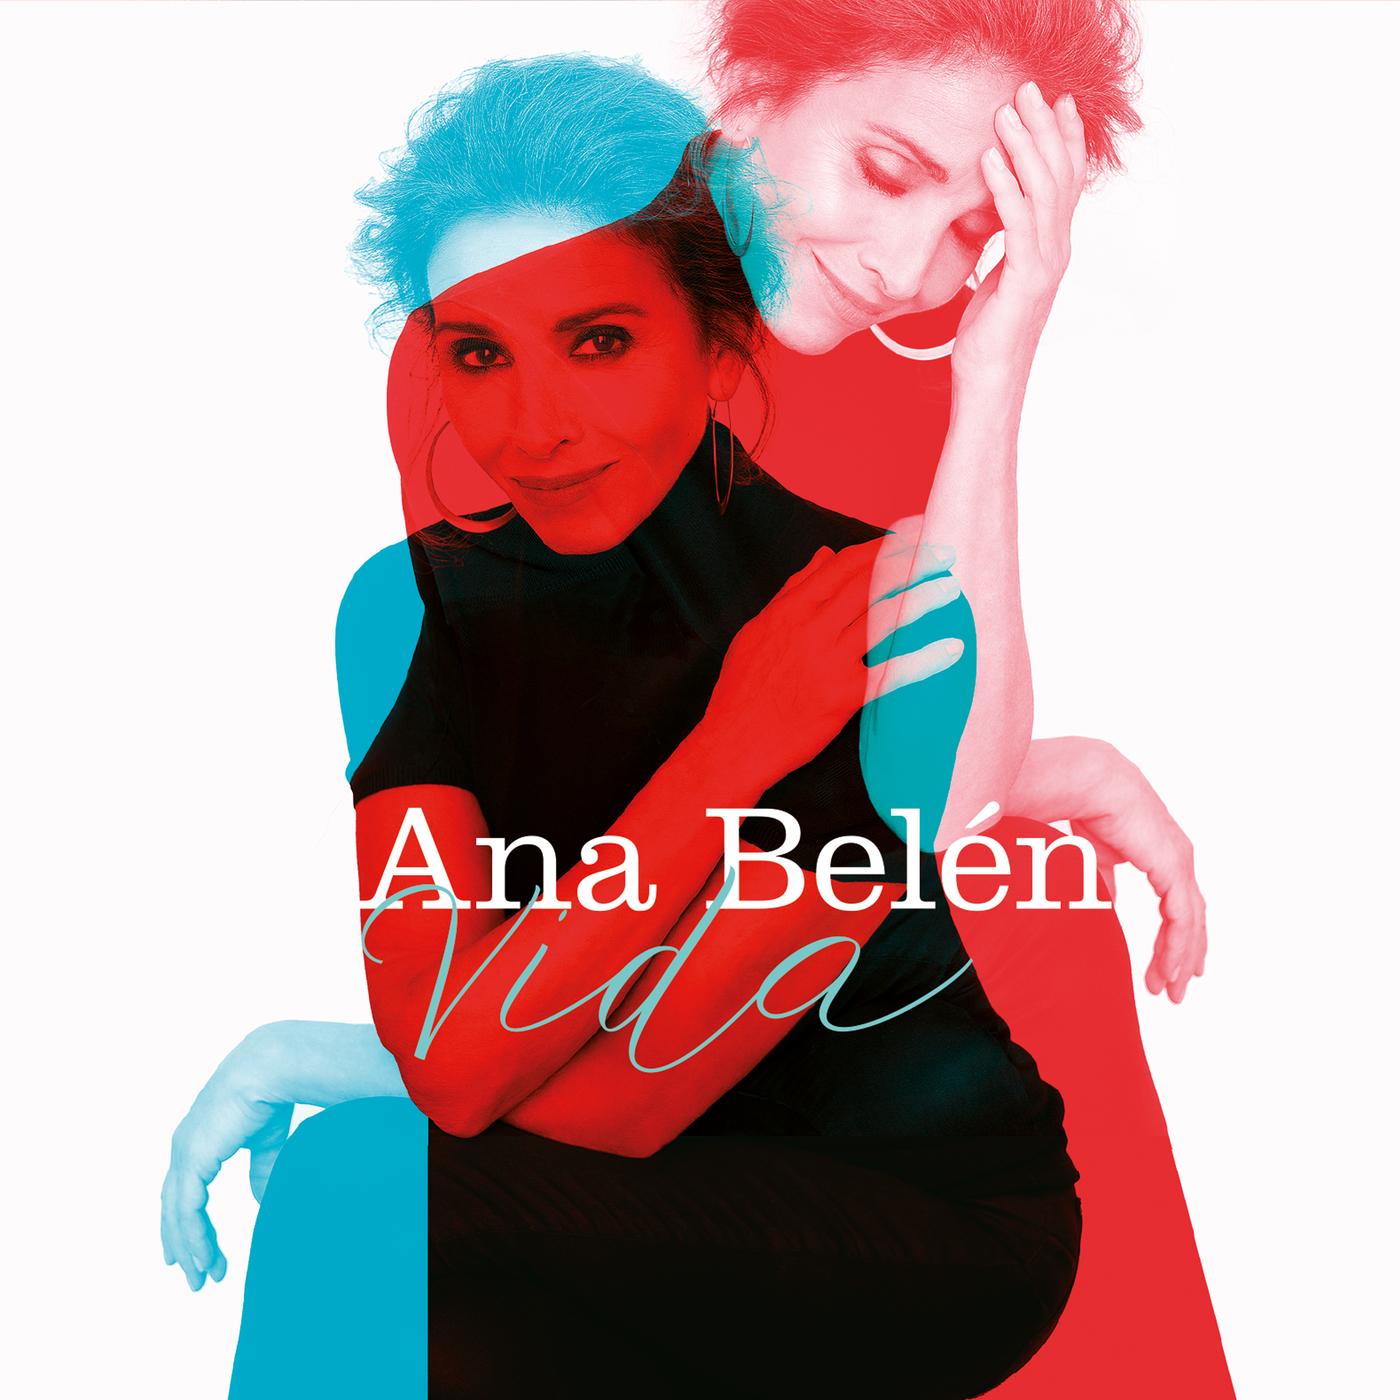 Vida - Ana Belén